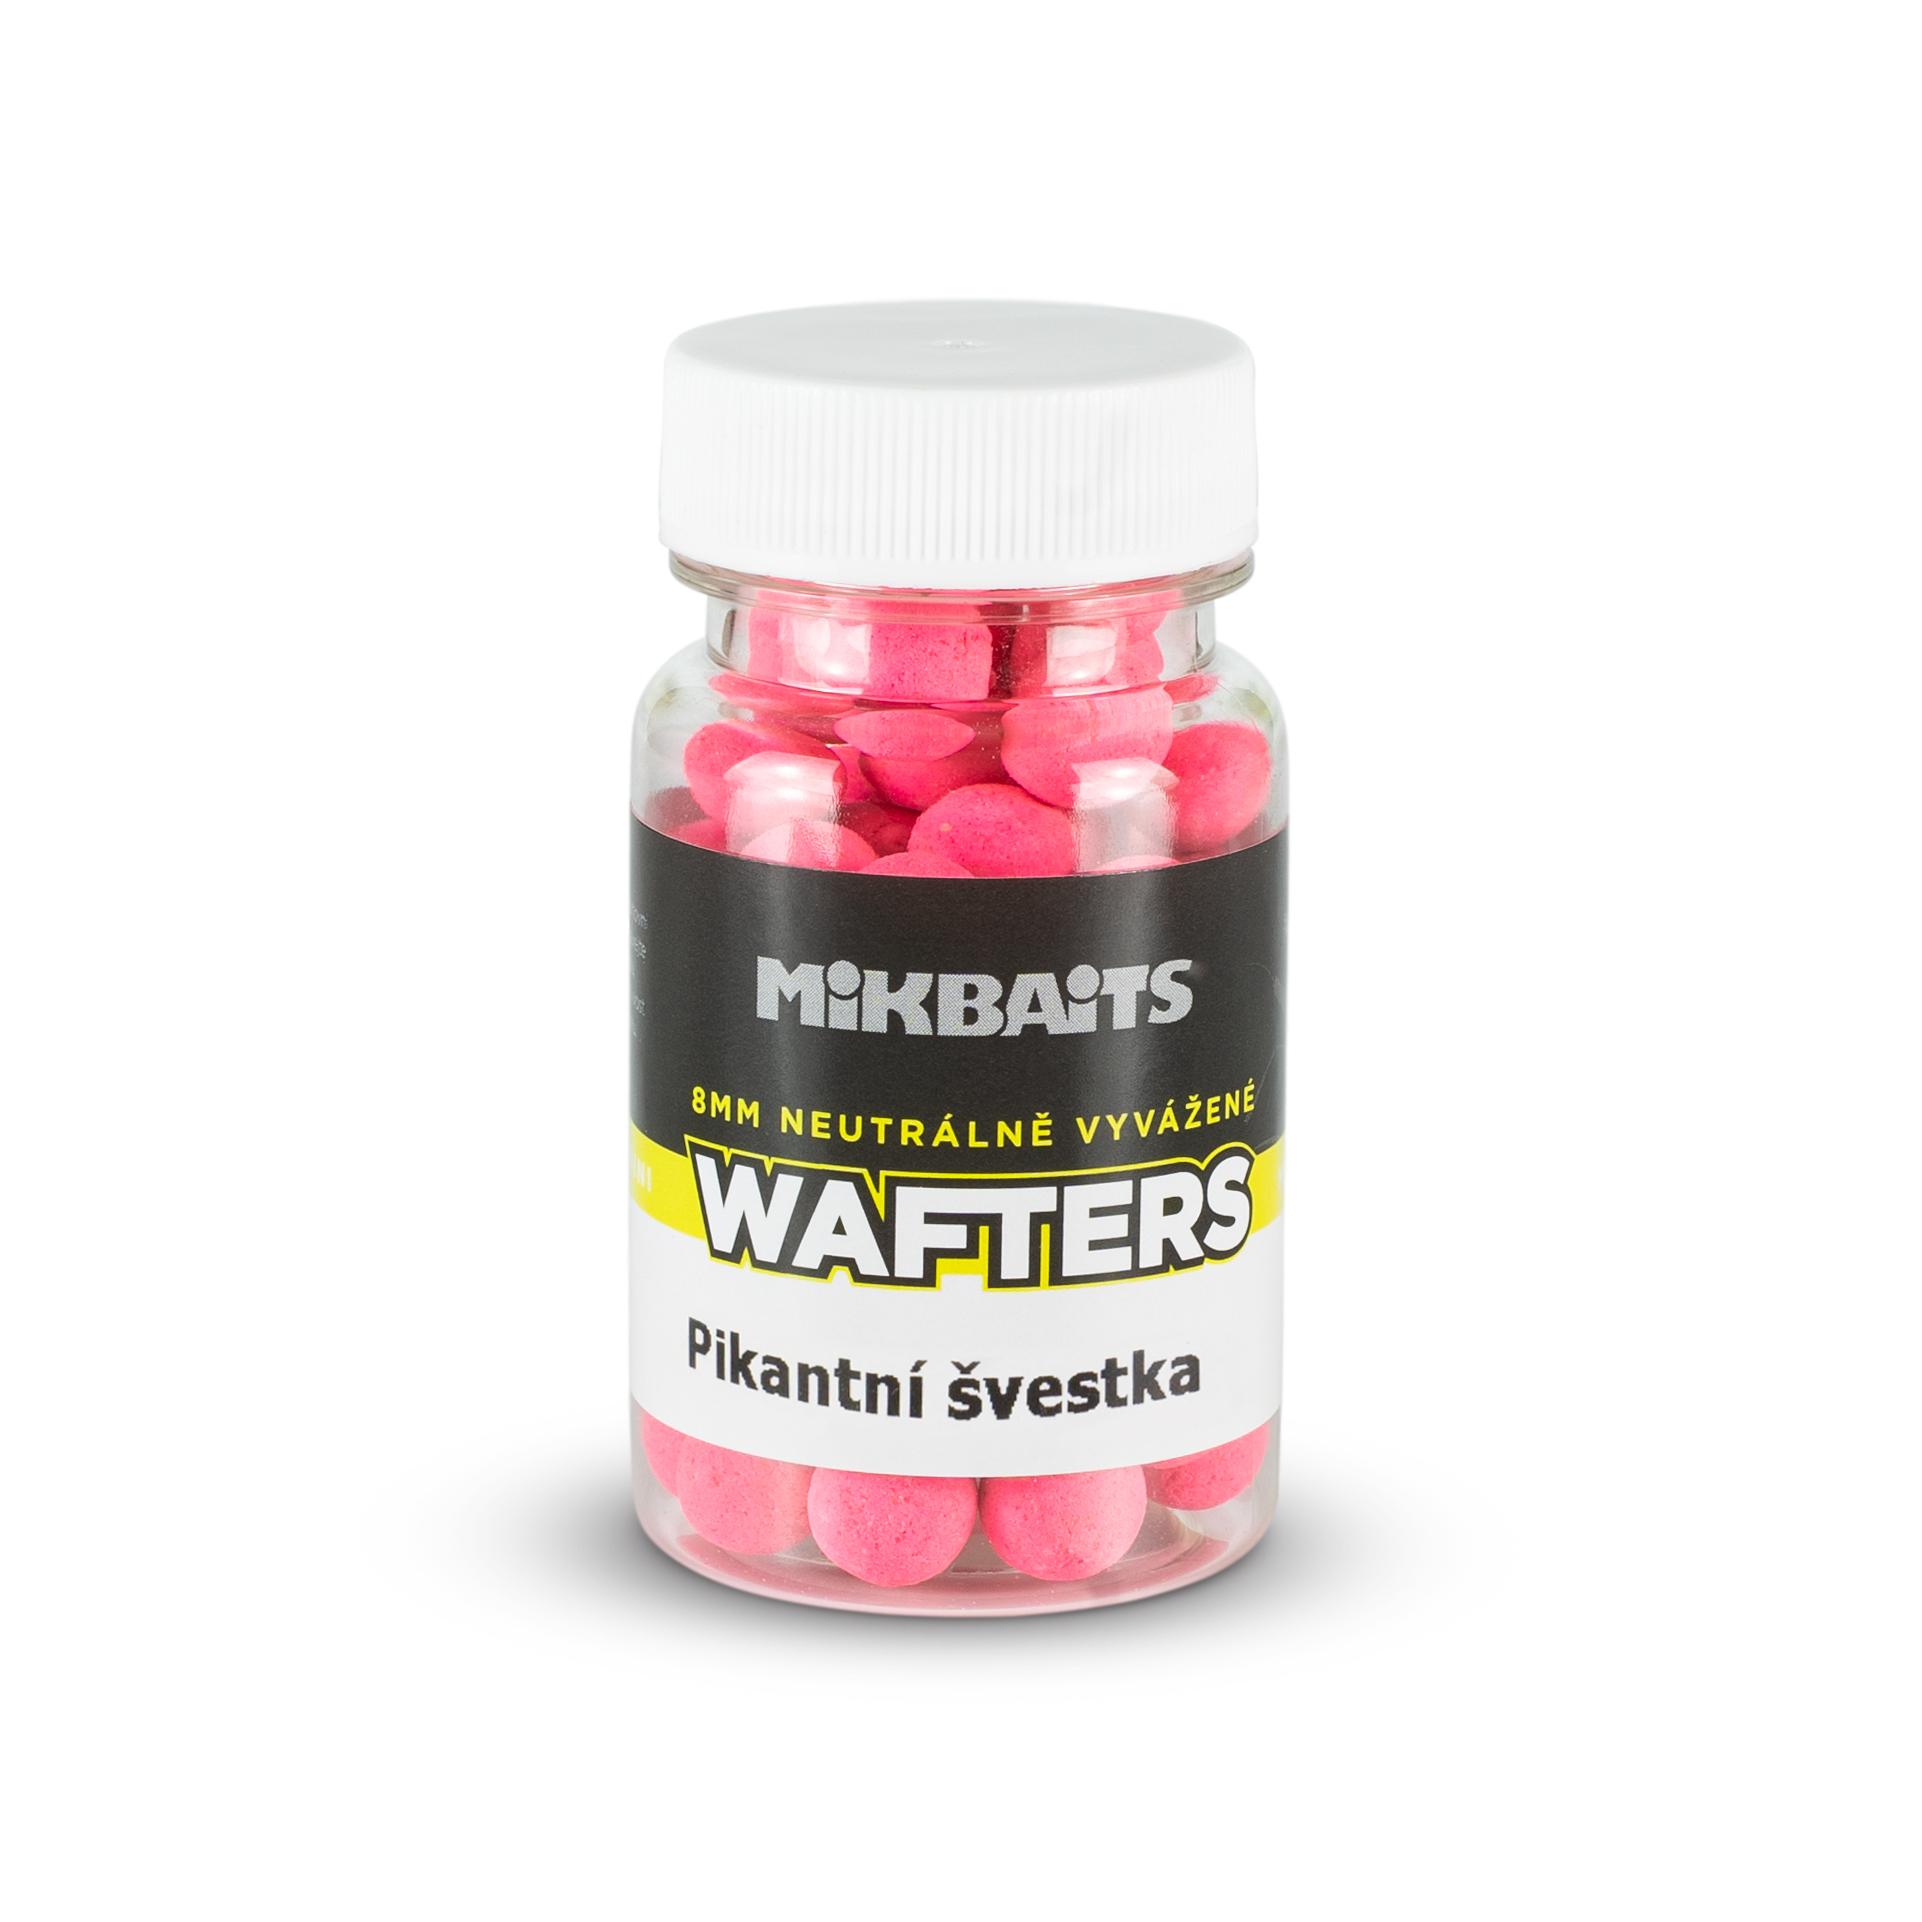 Mini Wafters vyvážené nástrahy 60ml - Pikantní švestka 8mm